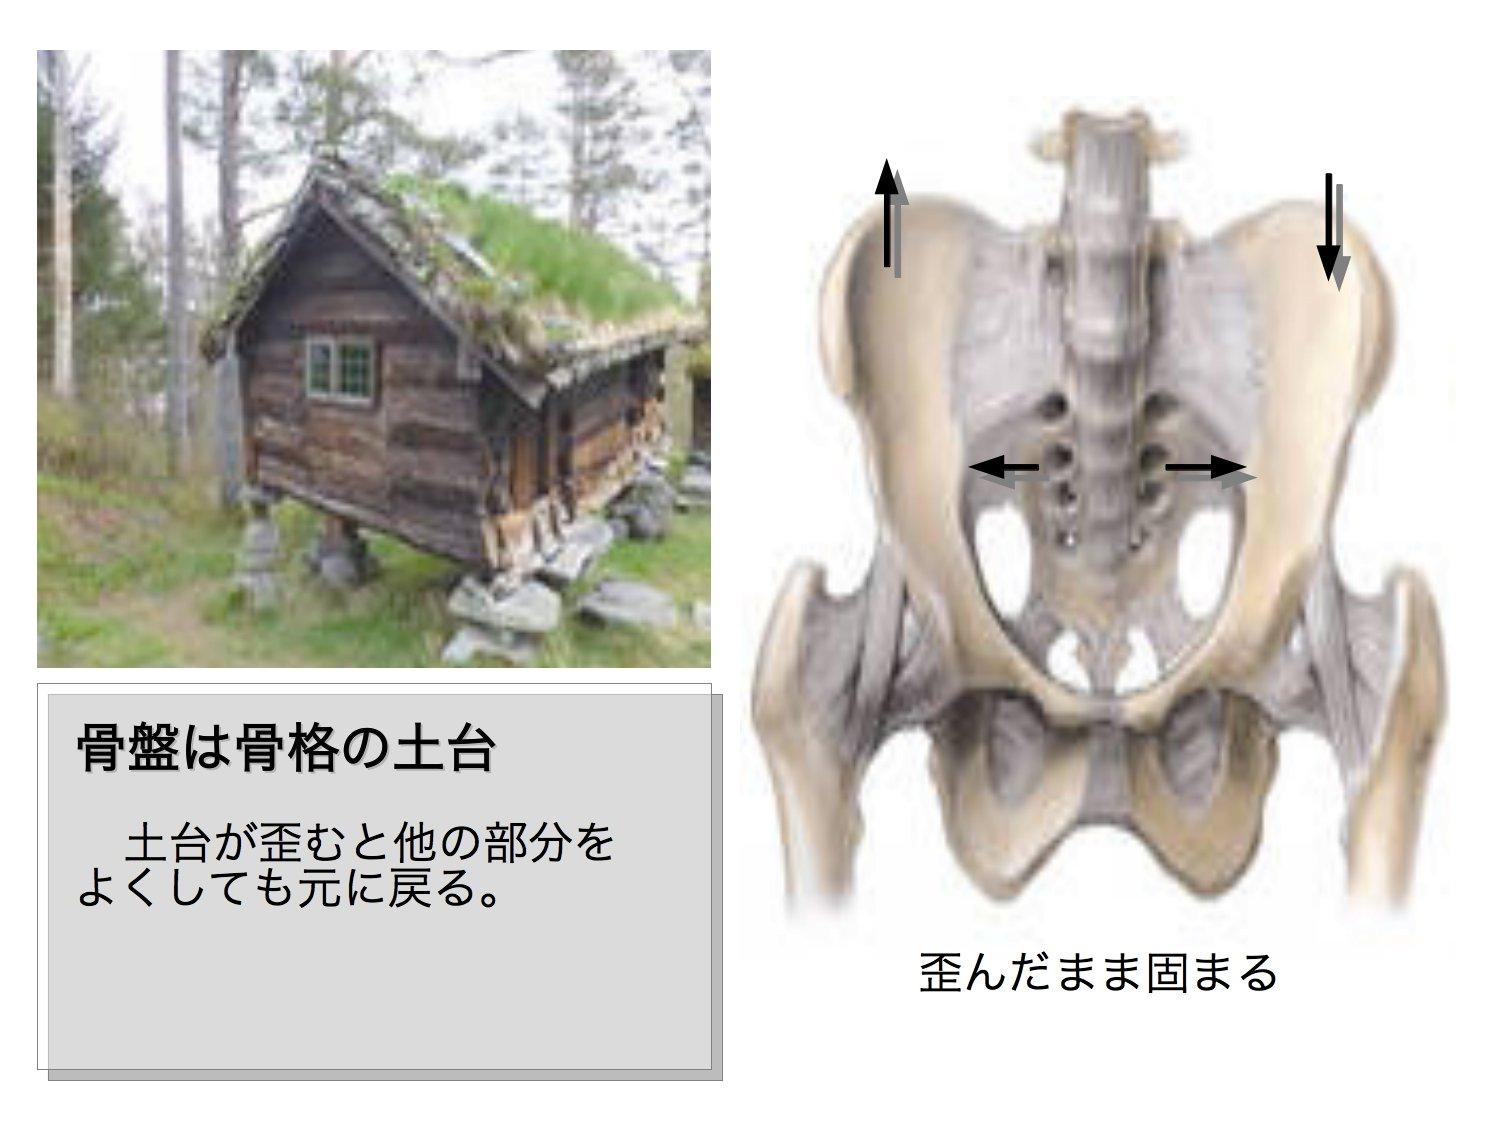 骨盤のアプローチ